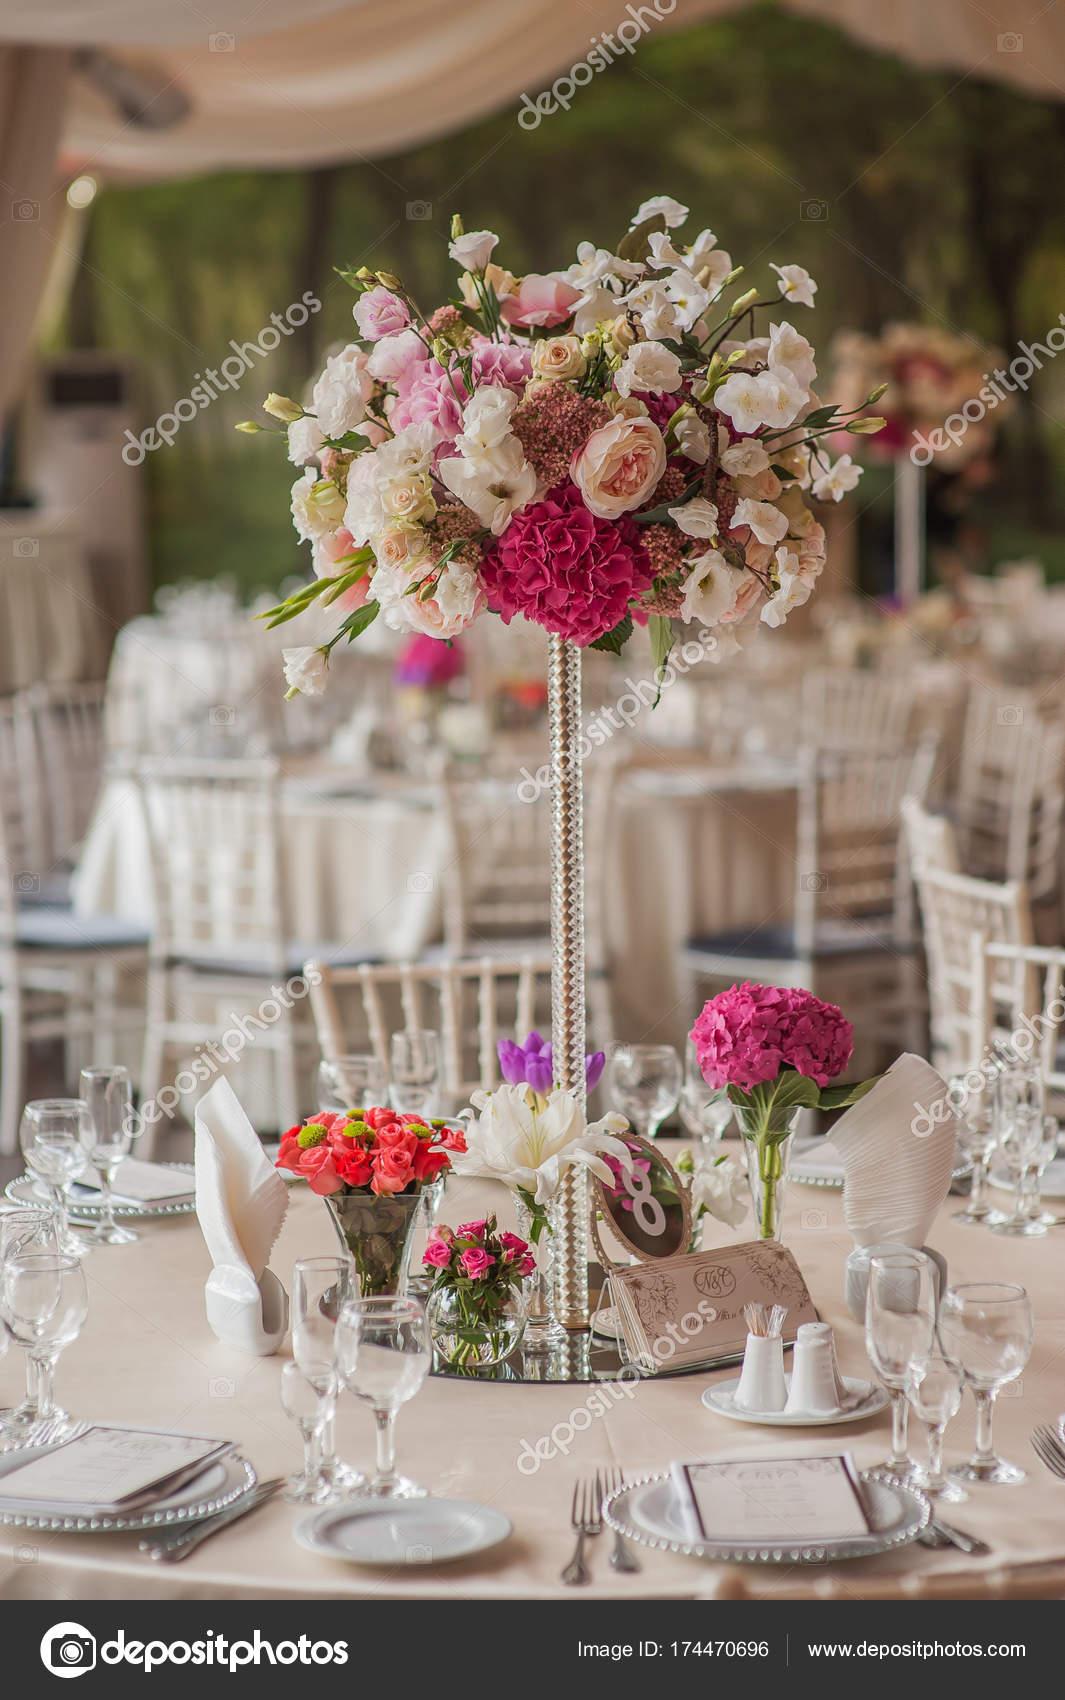 Dekorationen Auf Hochzeit Tische Blumen Landschaft Stockfoto